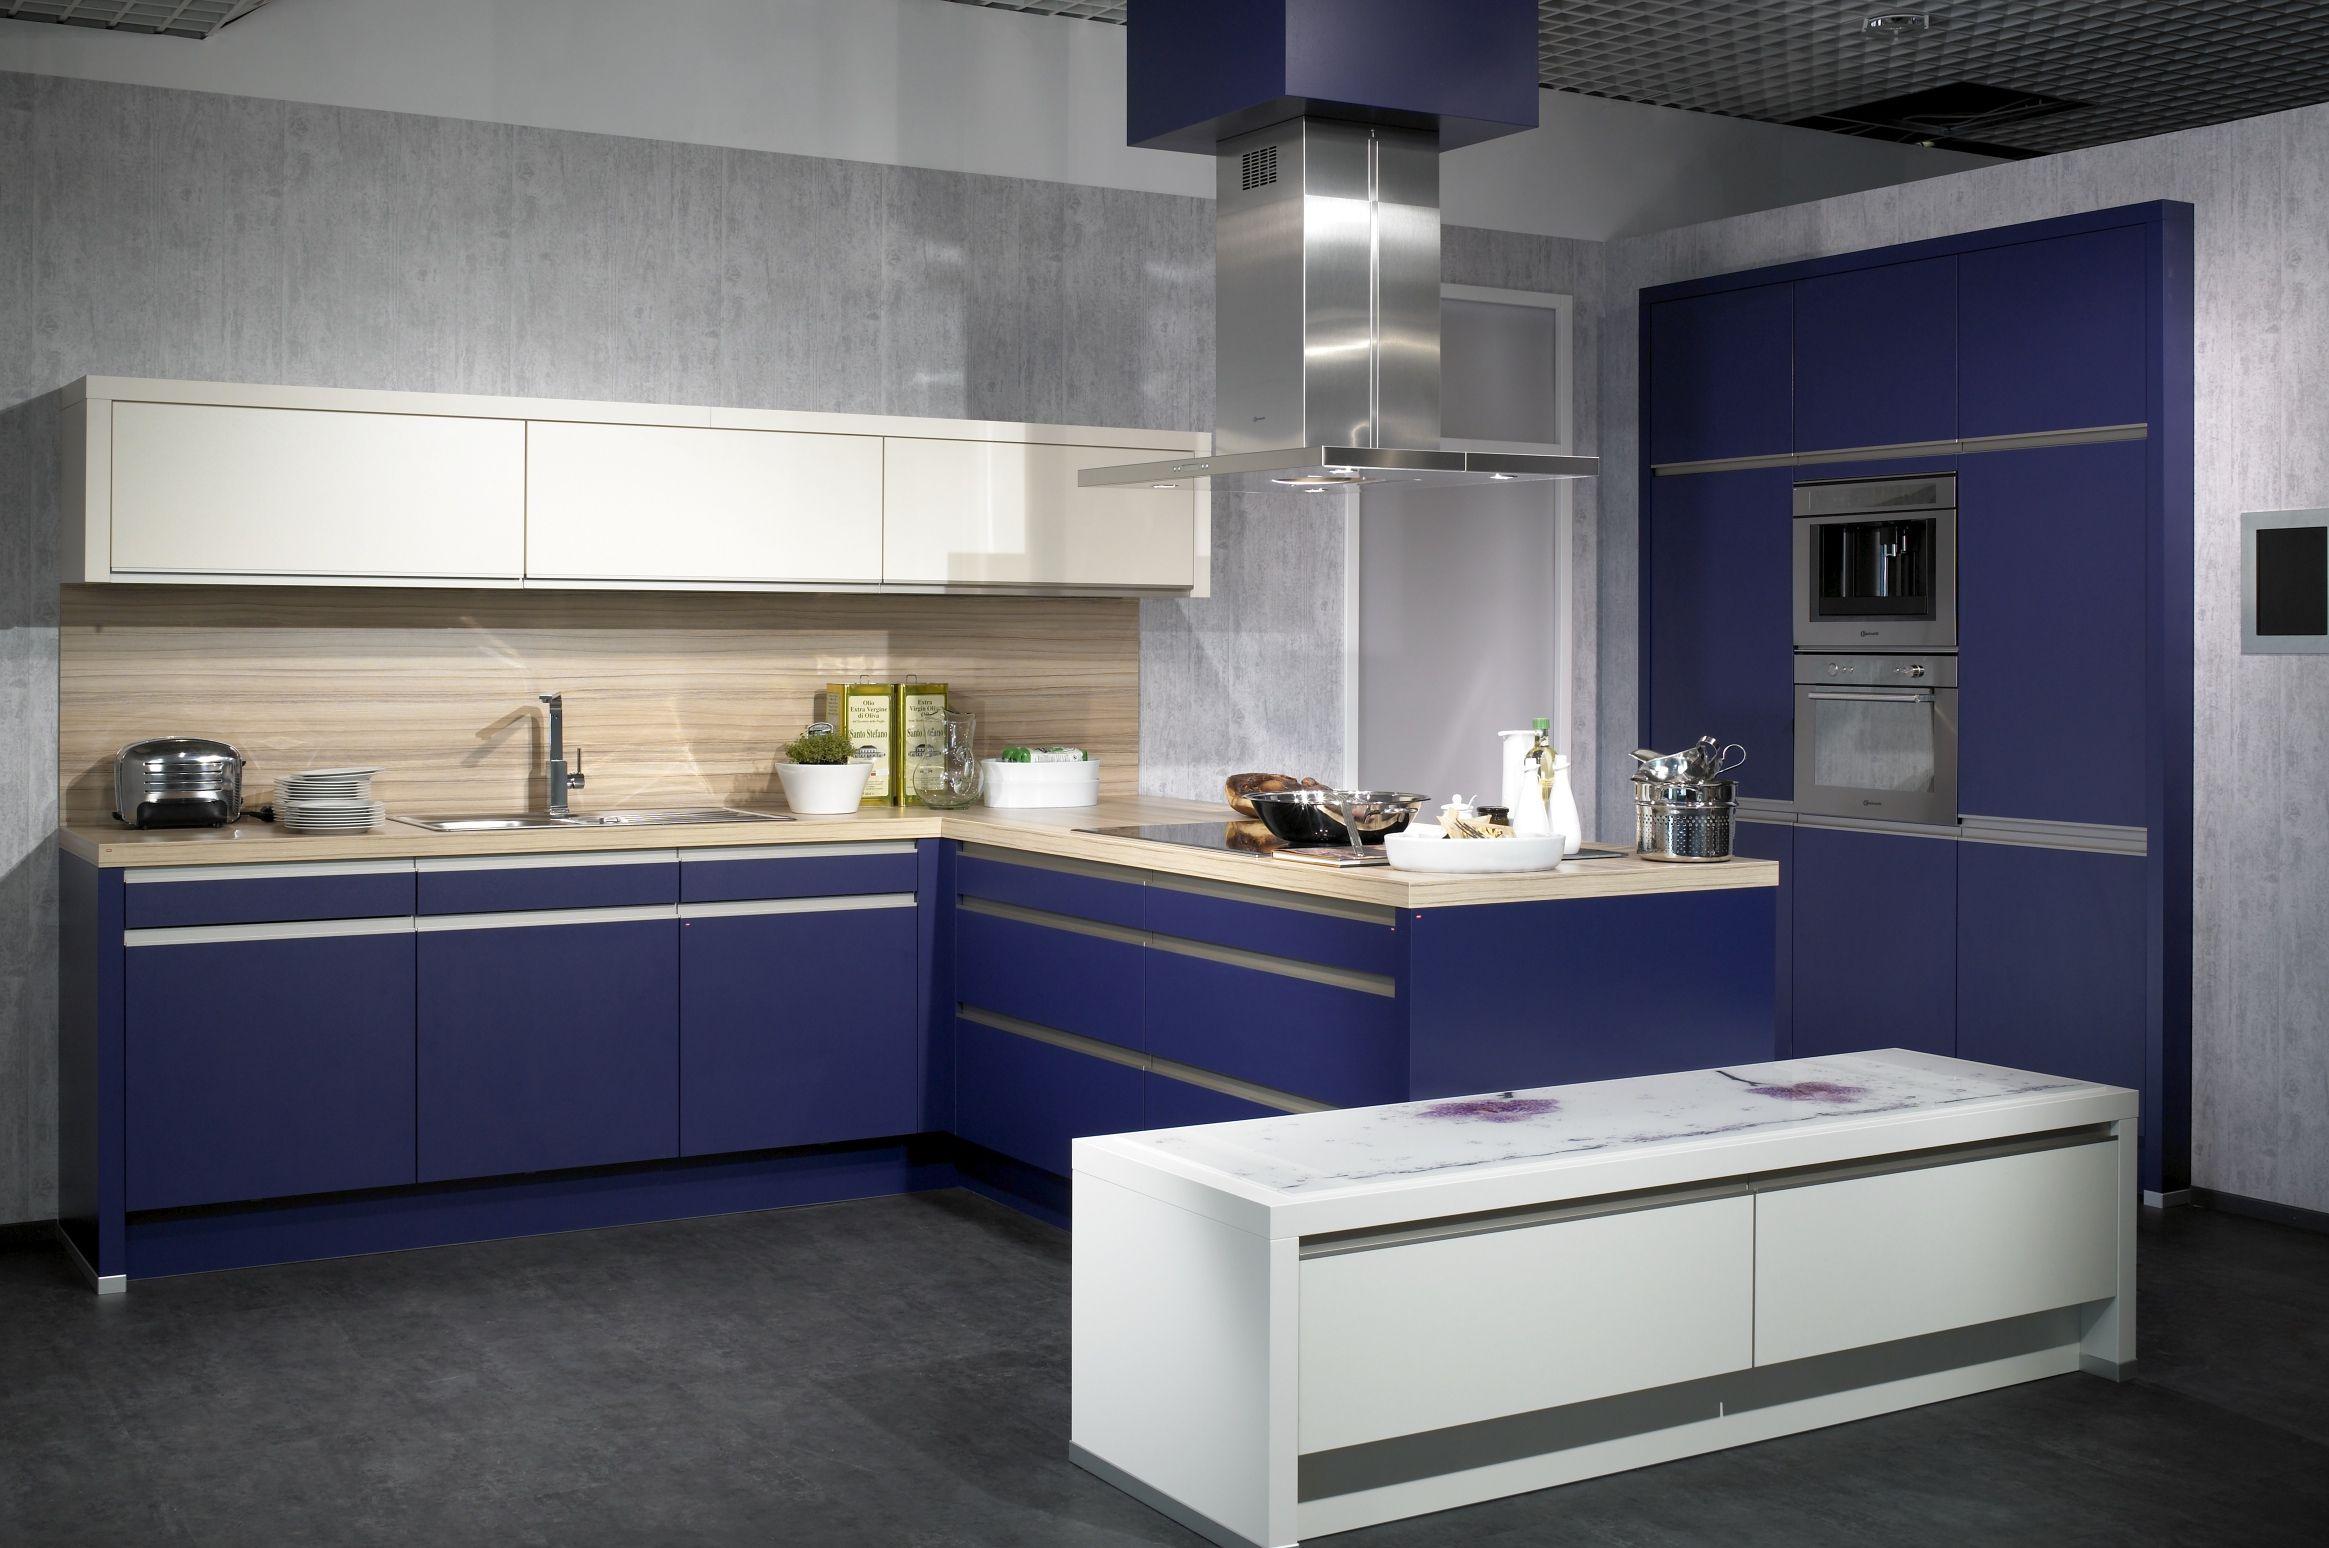 Cocina en azul y blanco, con detalles en madera natural. Muebles de ...